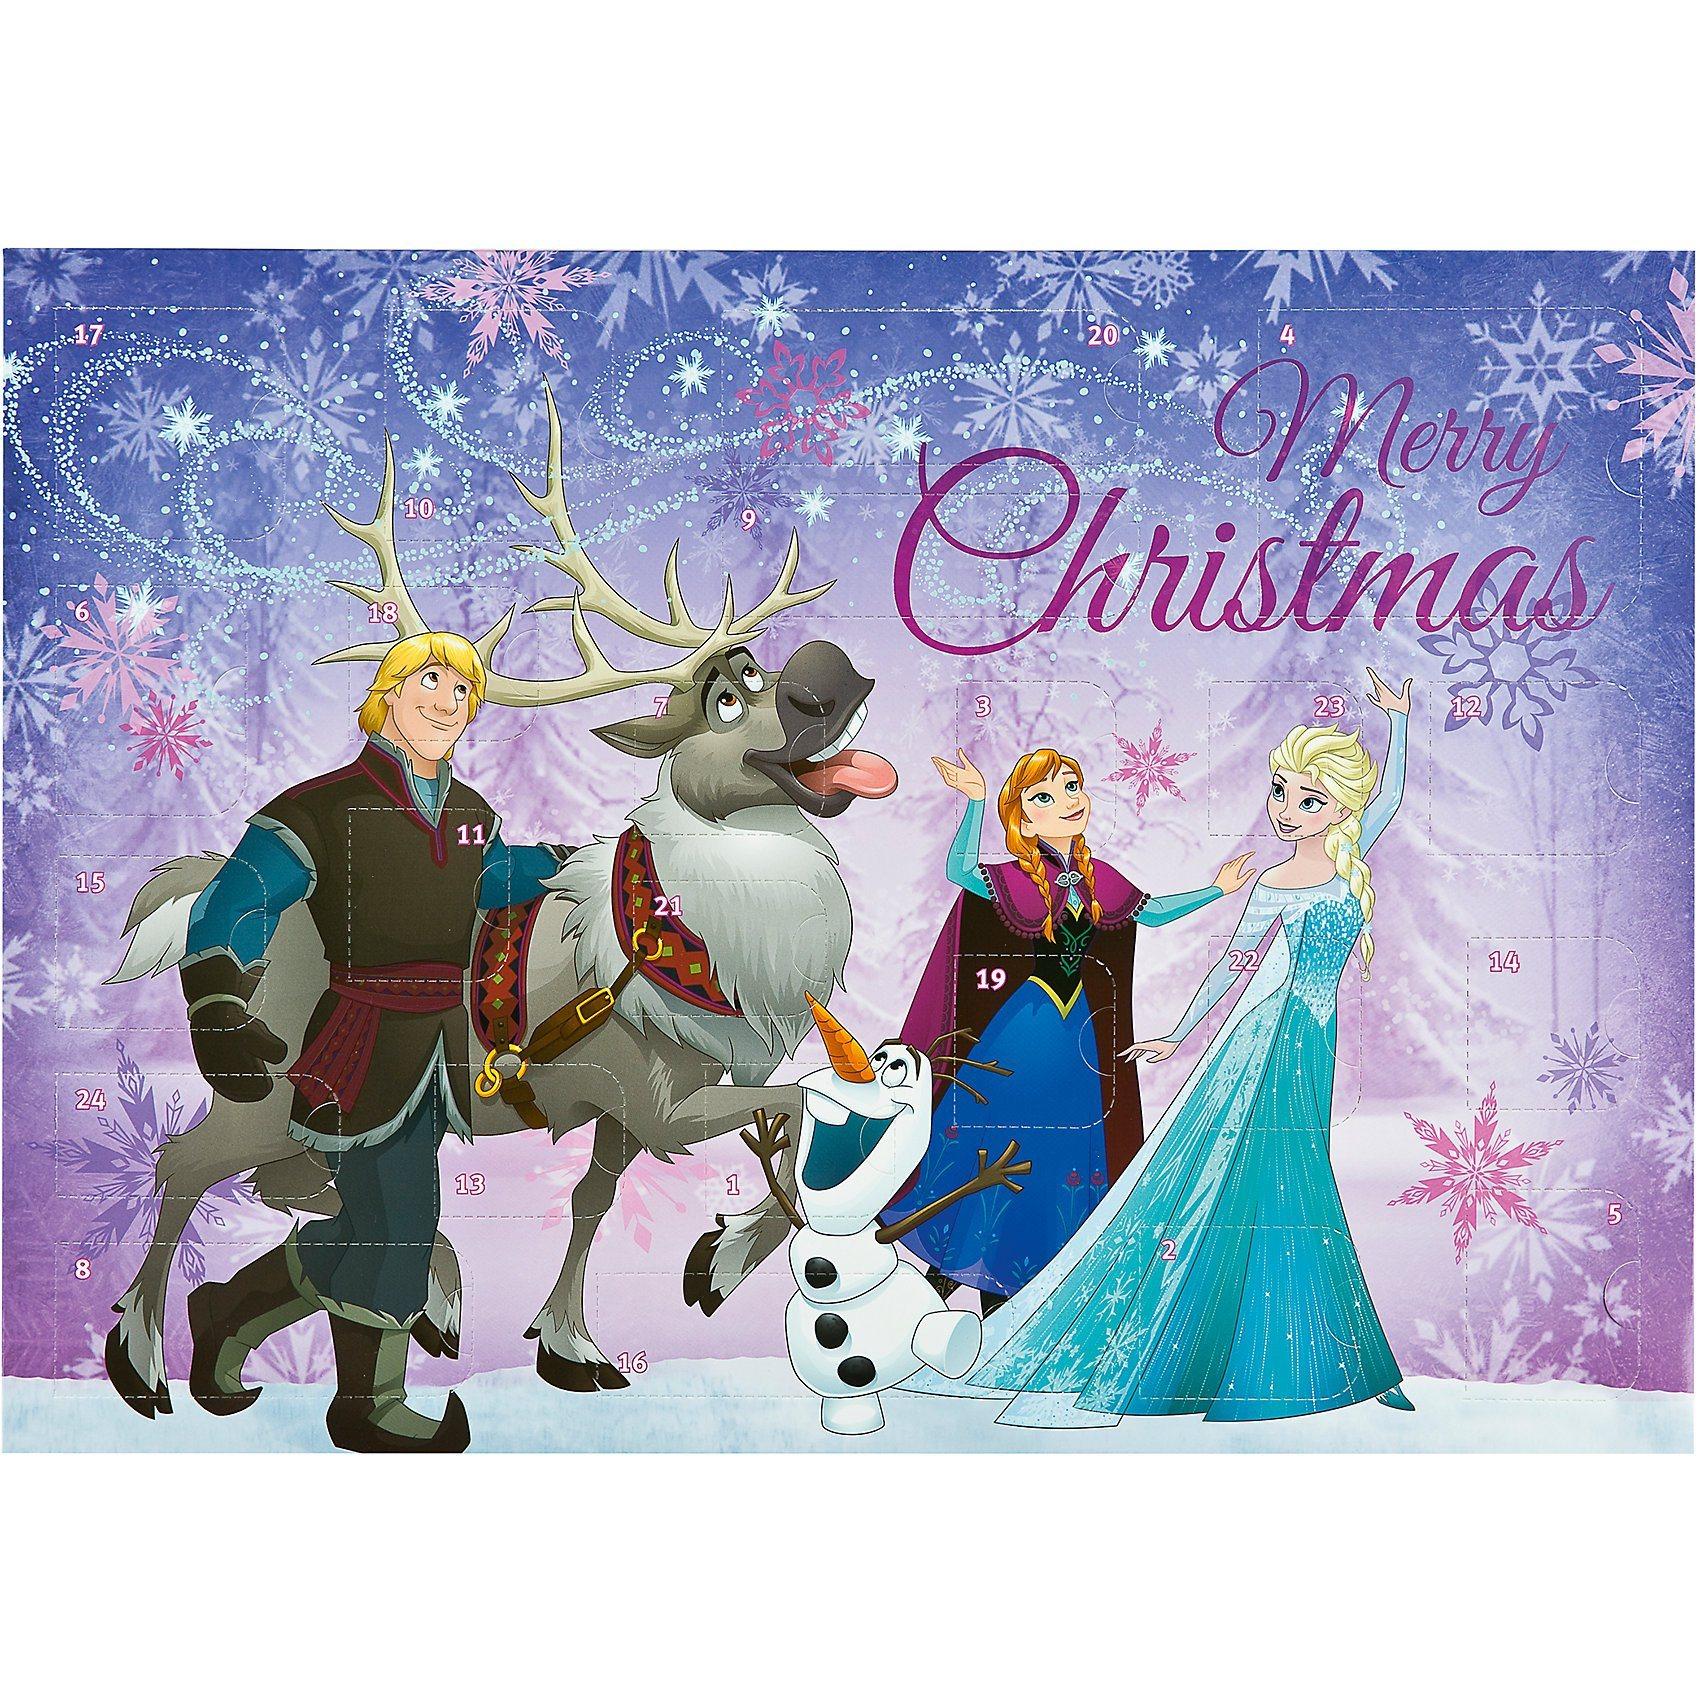 Weihnachtskalender Angebote.Mini Adventskalender Preisvergleich Die Besten Angebote Online Kaufen